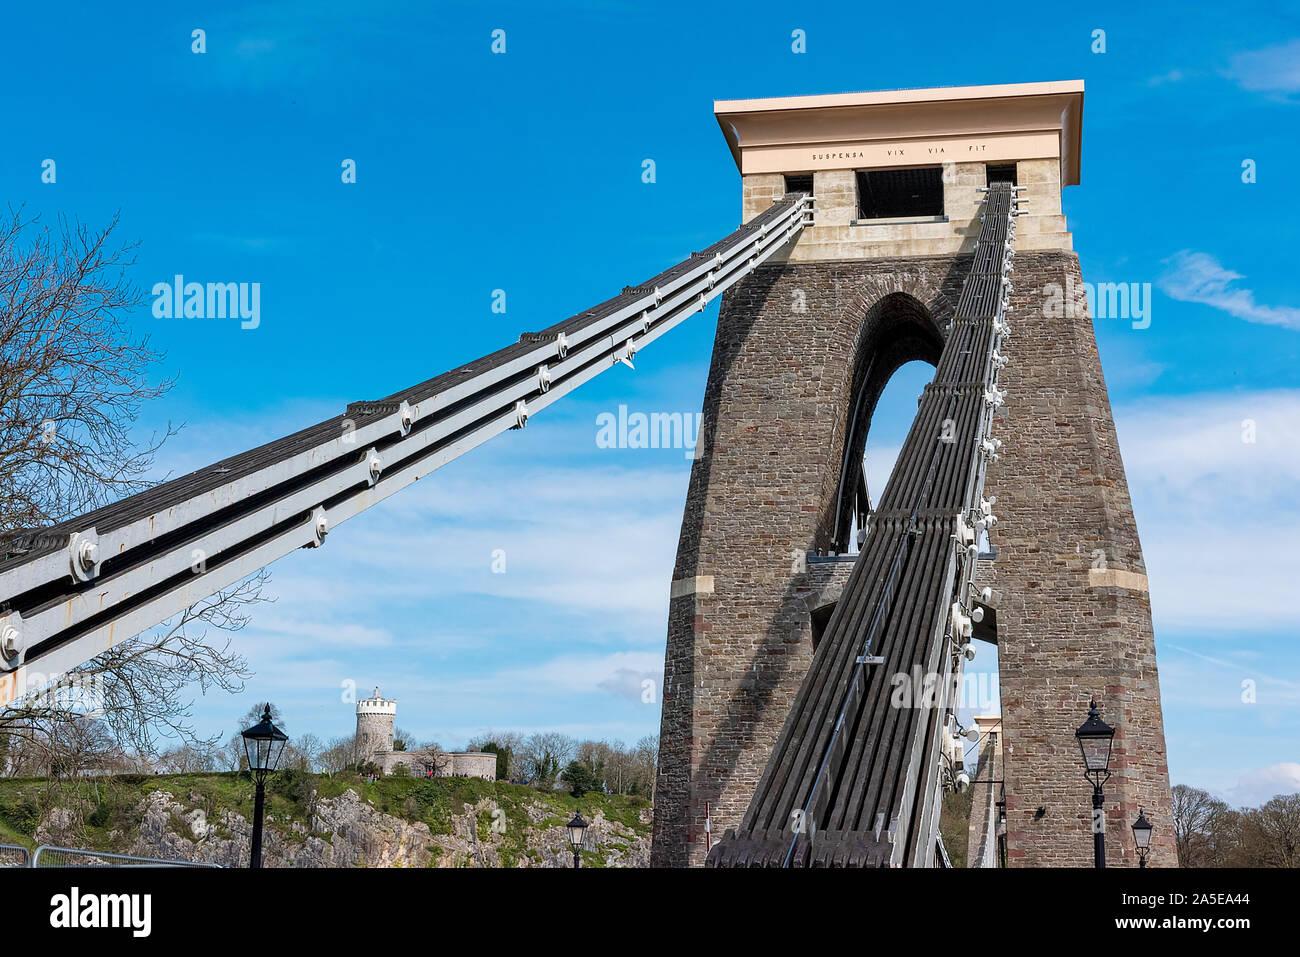 Bristol, Royaume-Uni, avril 2019 - Observatoire de Bristol & suspension bridge Banque D'Images